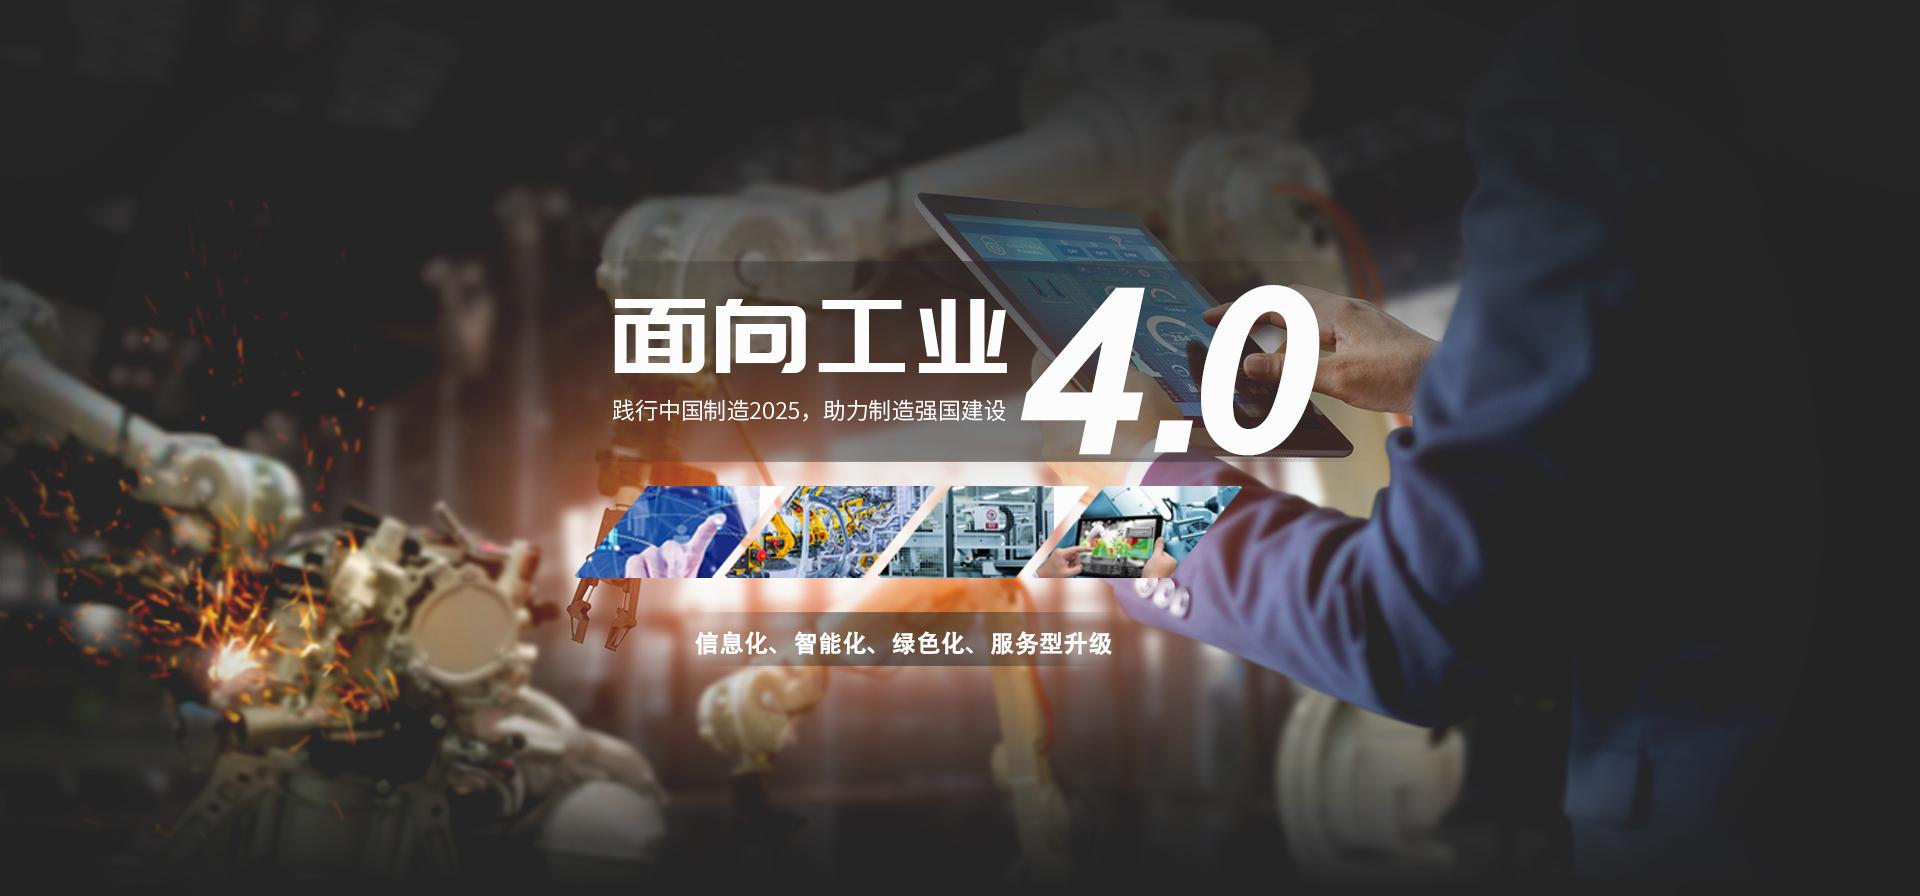 面向工业4.0